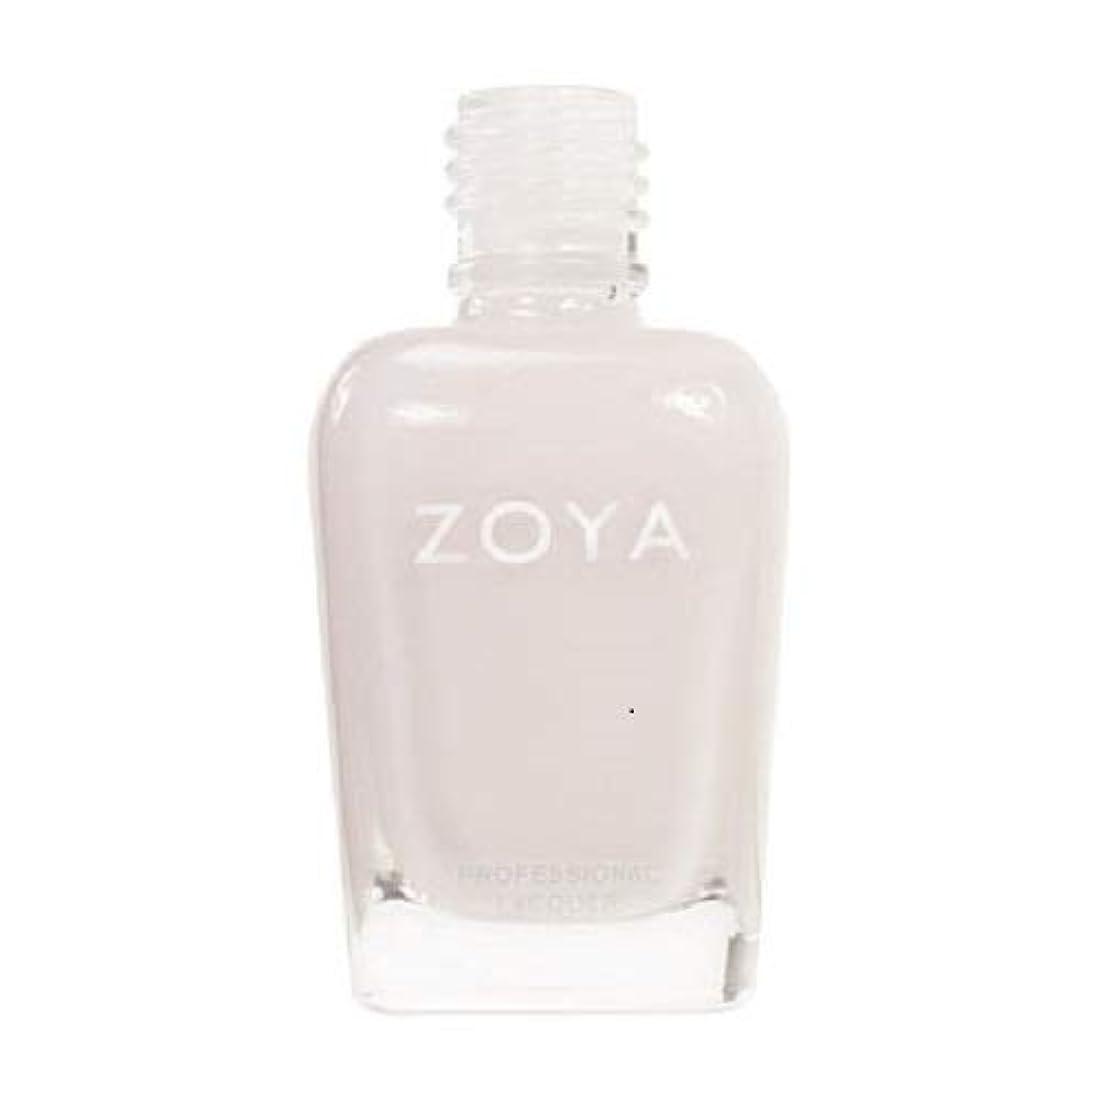 書誌可決流産ZOYA ネイルカラーZP235 SABRINA サブリナ 15ml ほのかに色づくピンクをまとったホワイト シアー/クリーム 爪にやさしいネイルラッカーマニキュア